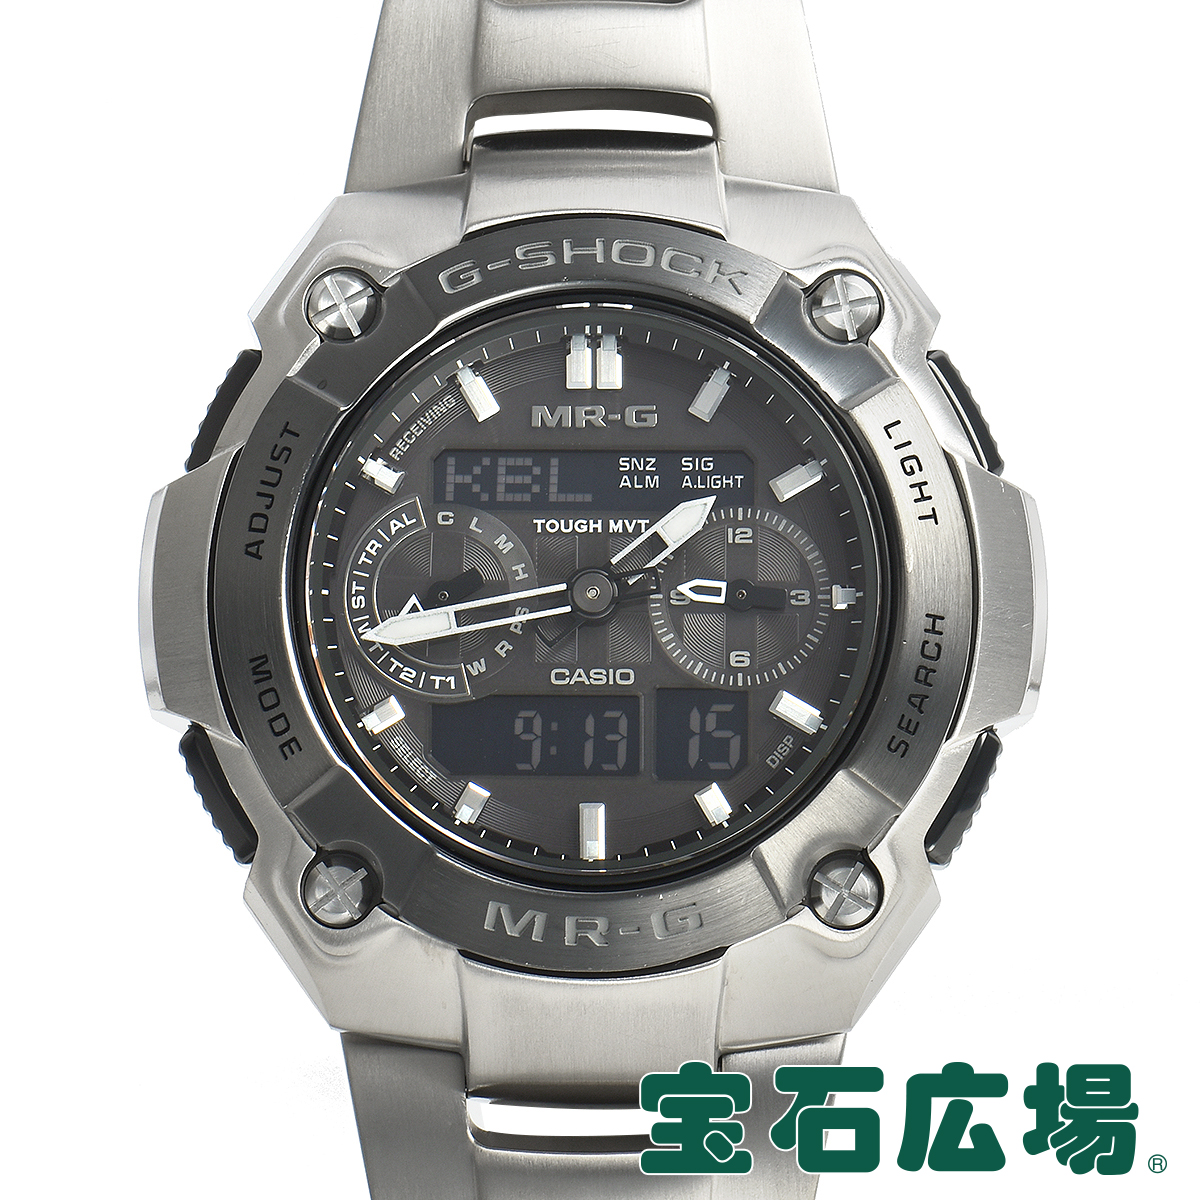 【最大3万円OFFクーポン配布中!5/1(金)0時開始】カシオ CASIO (中古) MR?G MRG-7600D-1BJF【中古】メンズ 腕時計 送料無料